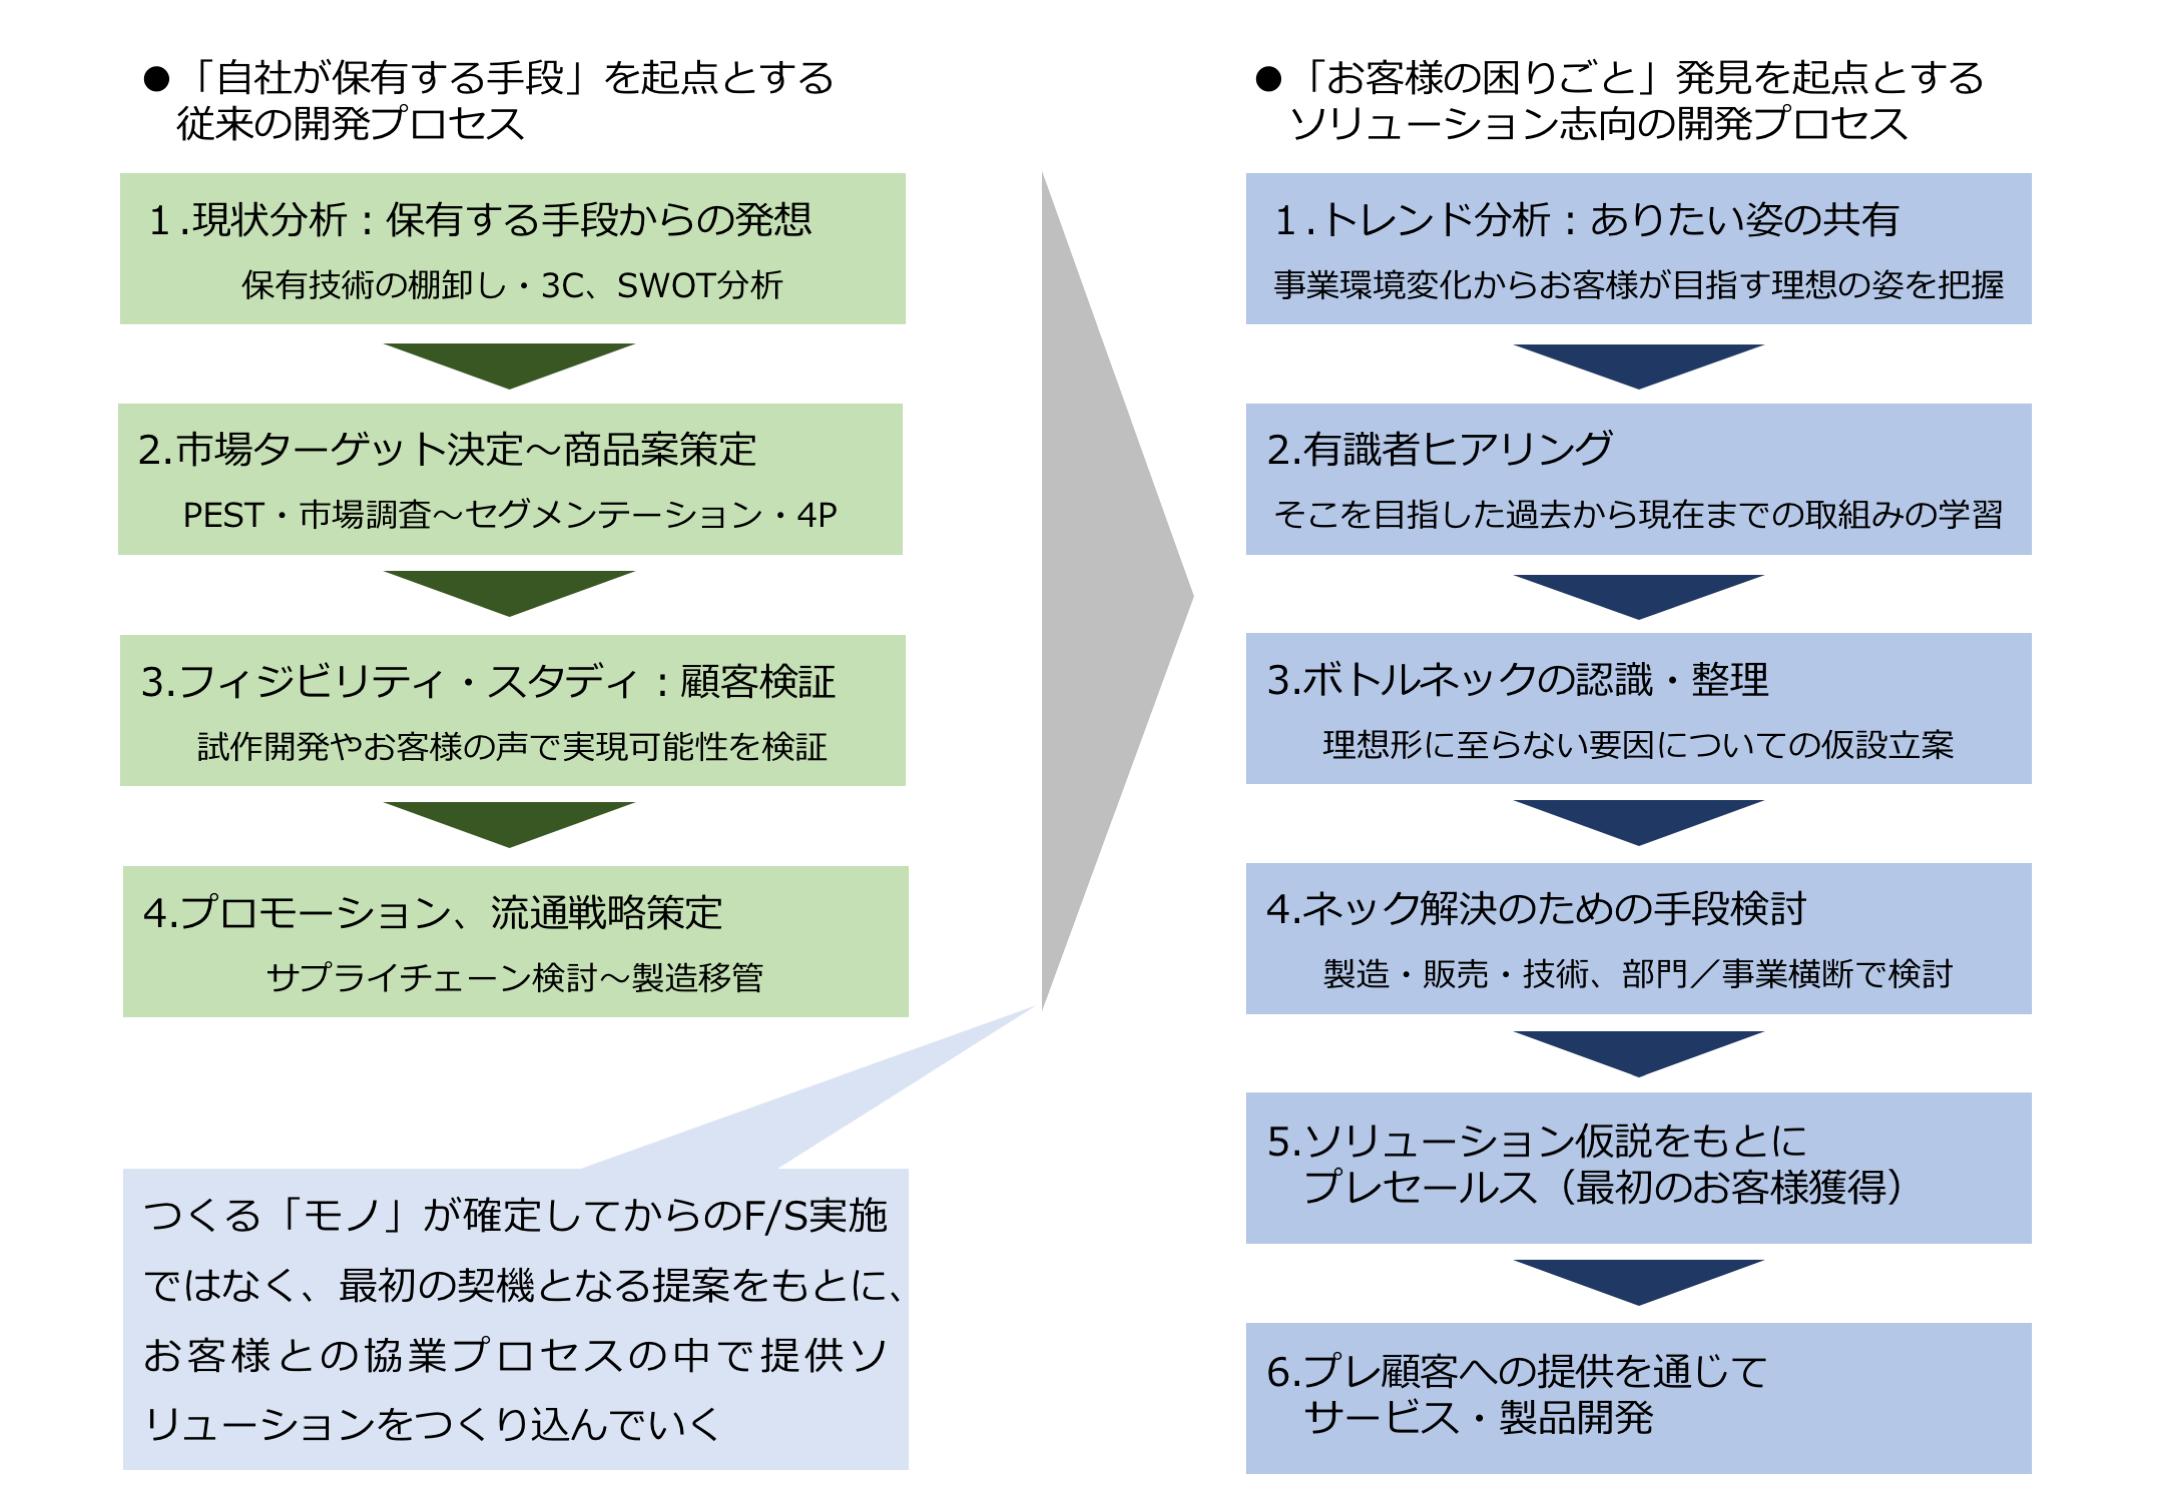 col_takahashi_04_01.png